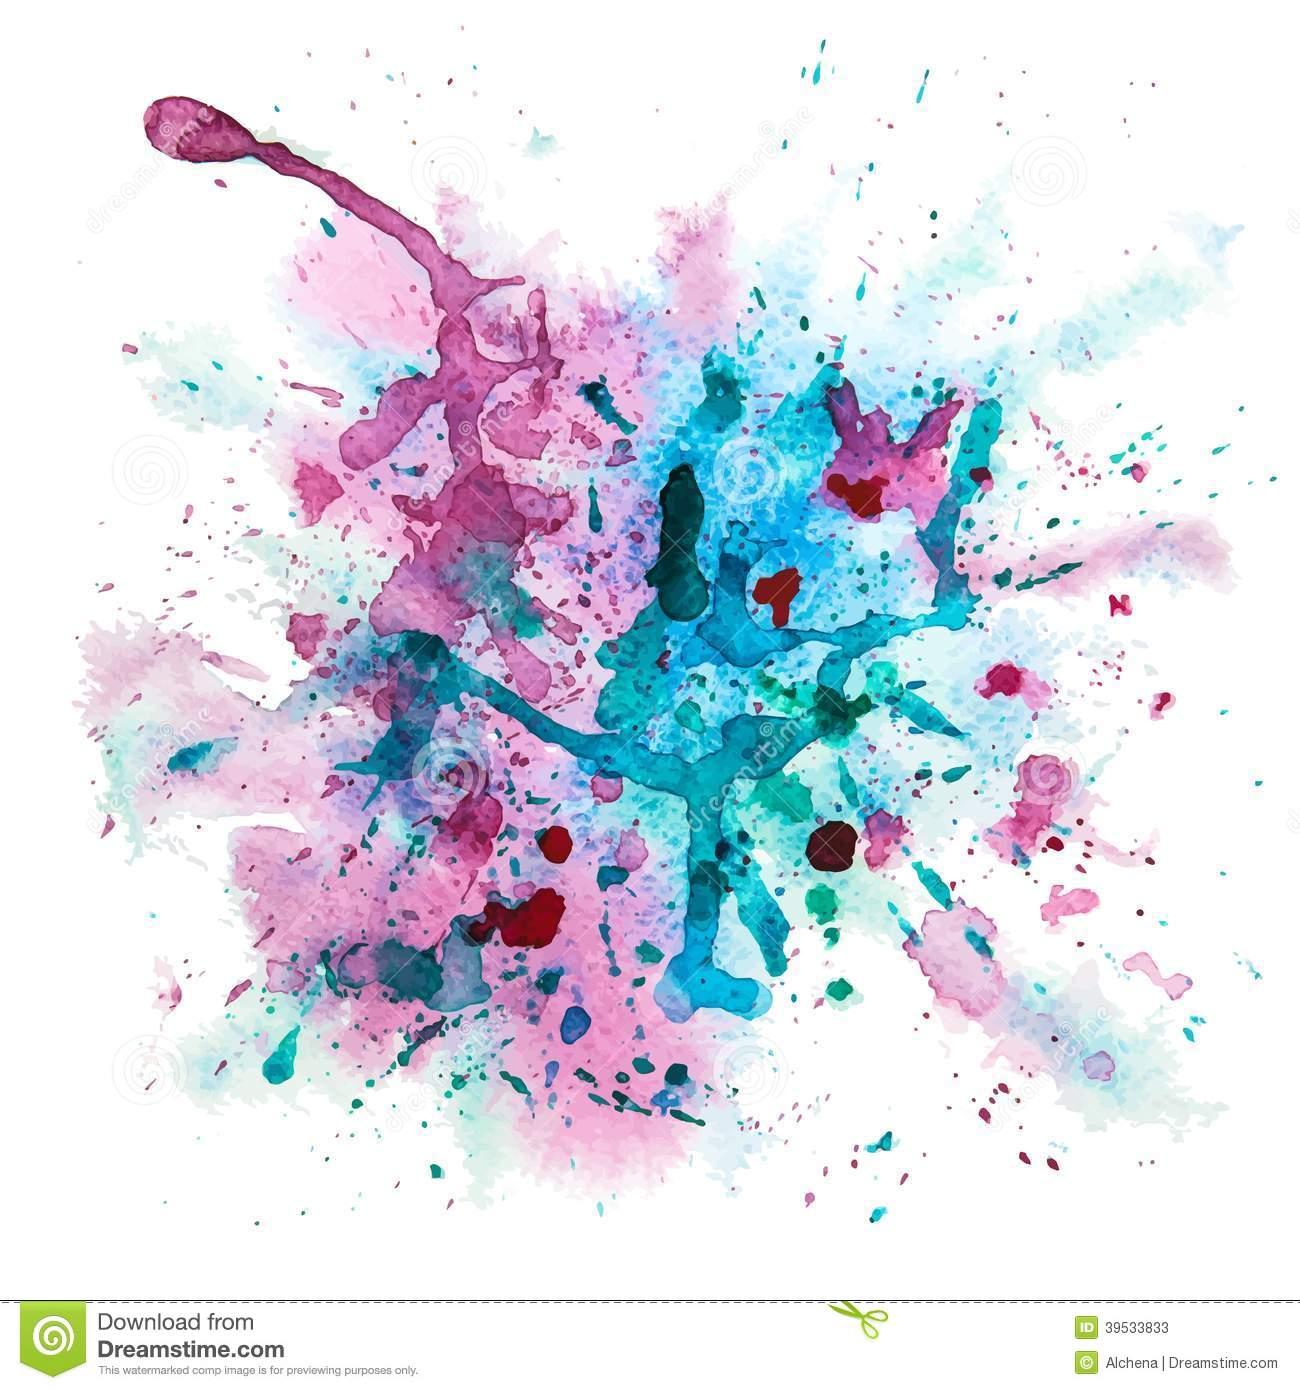 8 Watercolor Splash Vector Images